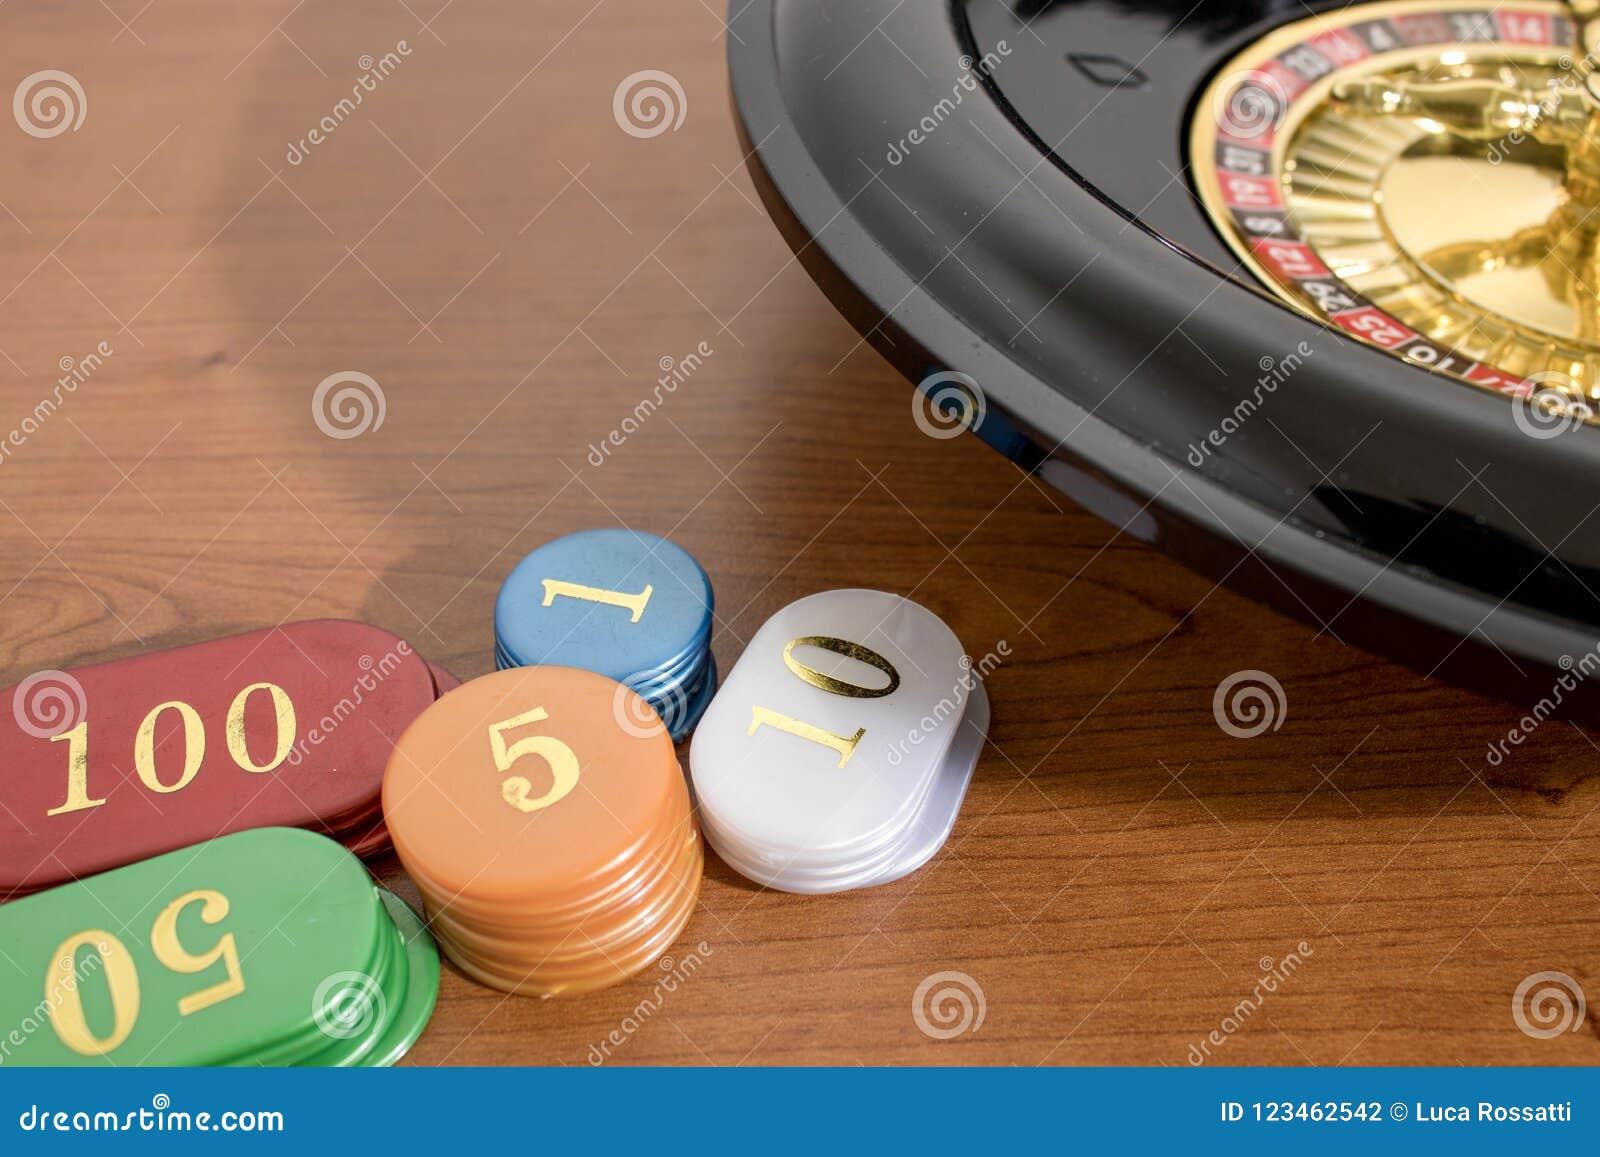 Een roulette en gekleurde casinospaanders op een houten lijst